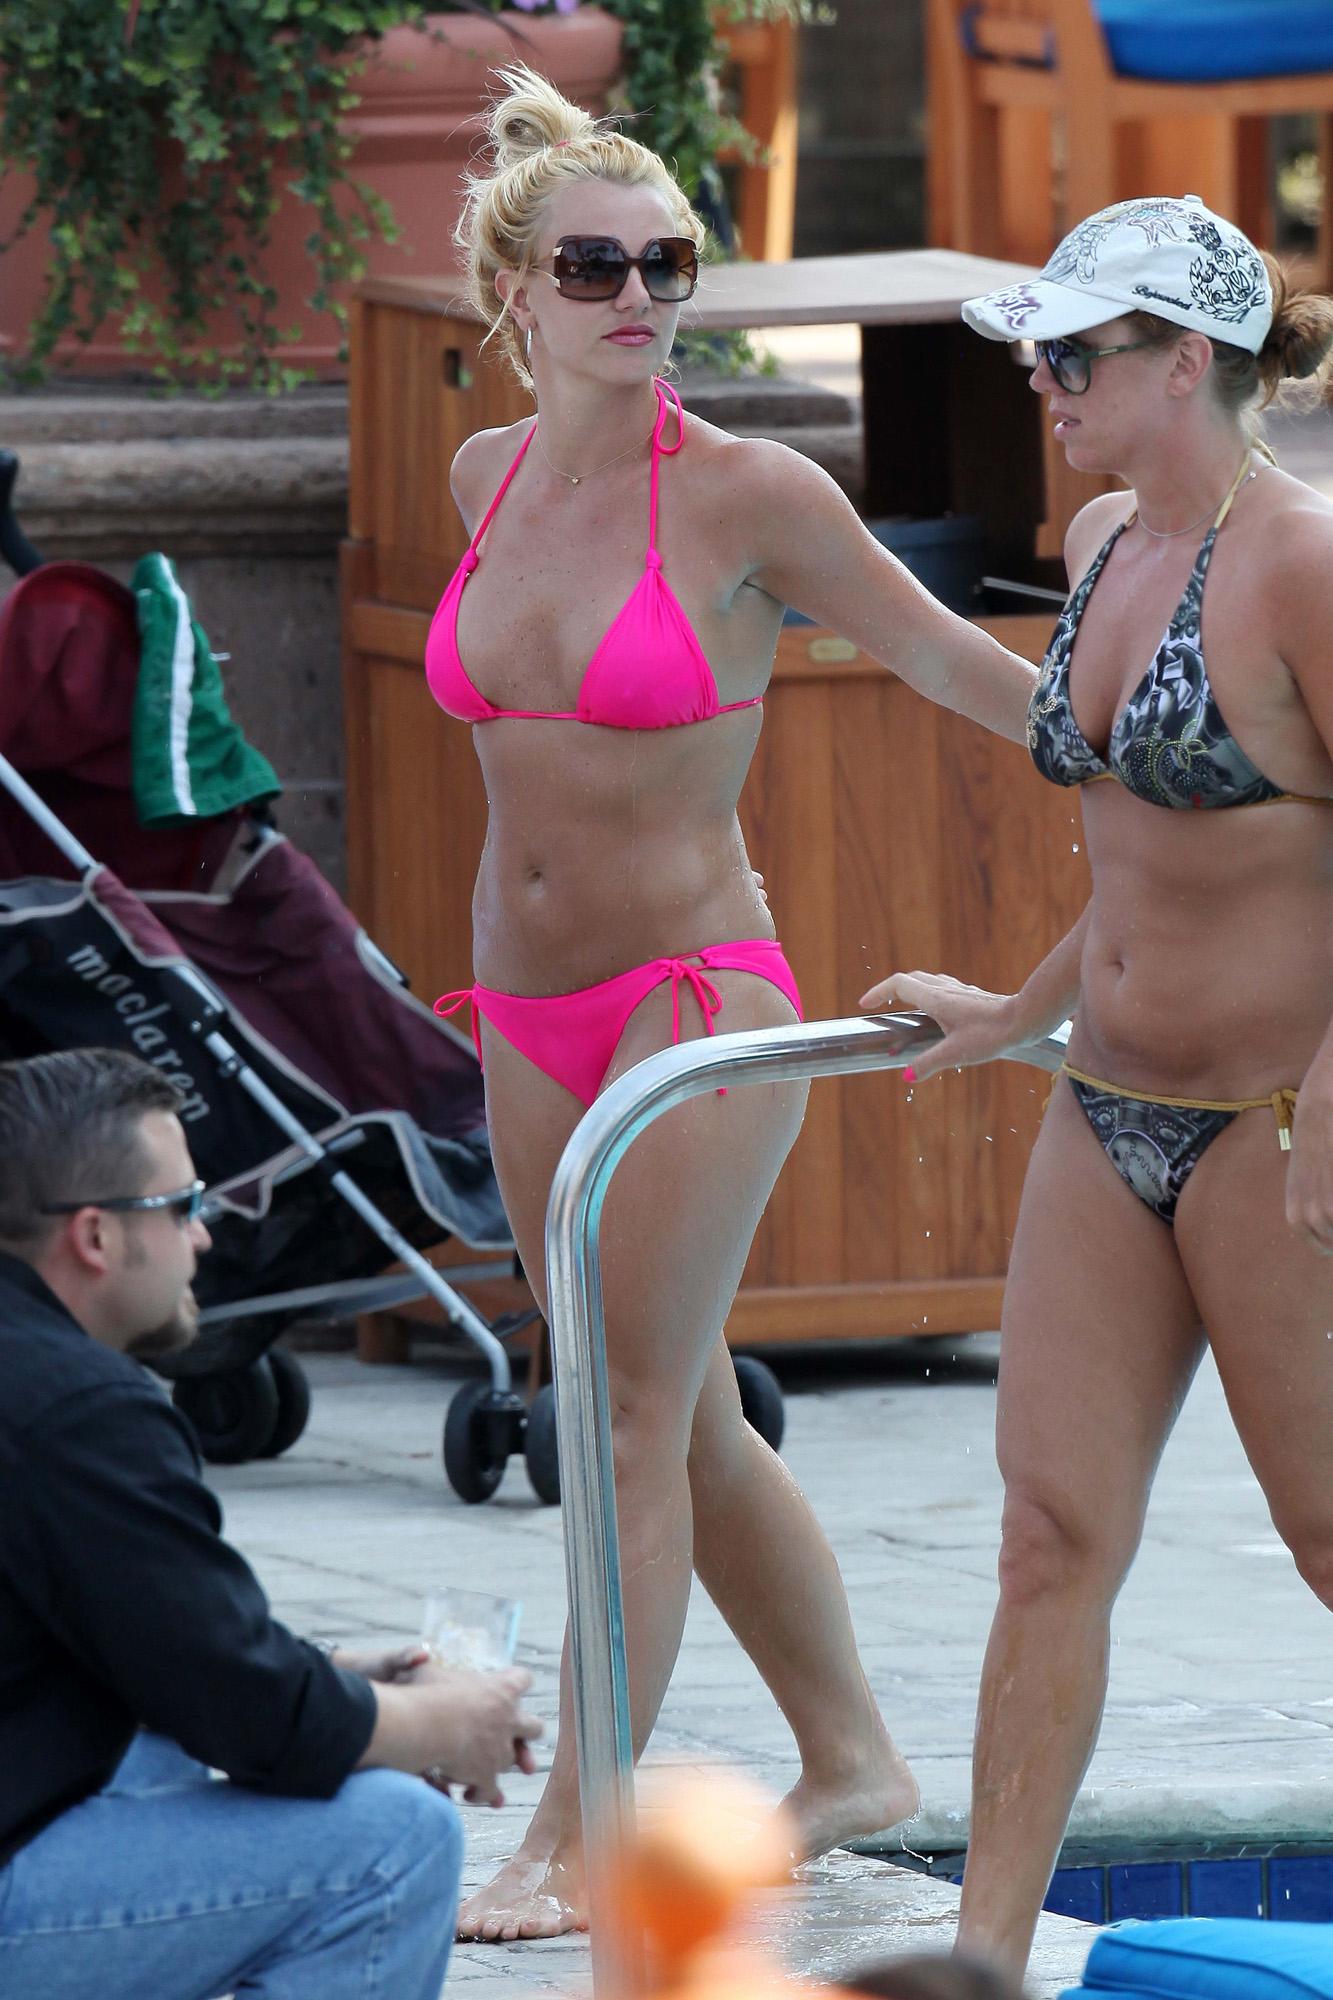 Britney Spears Bikini is soooo Kewl